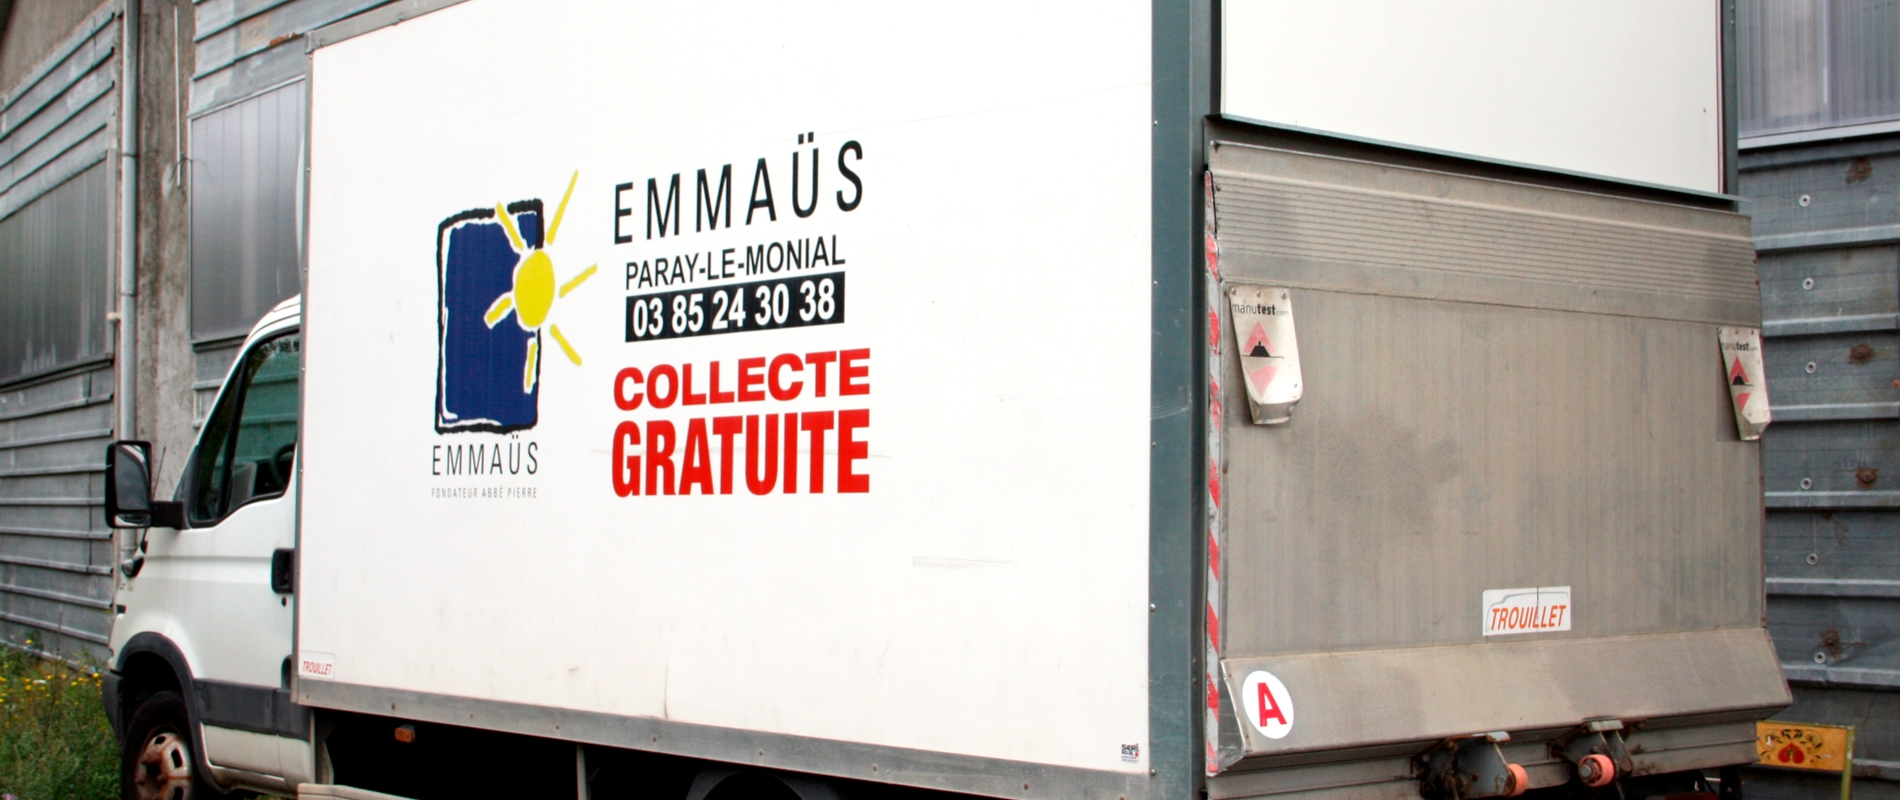 Camion de collectes du Comité Emmaüs de Paray - Les Actions du Comité